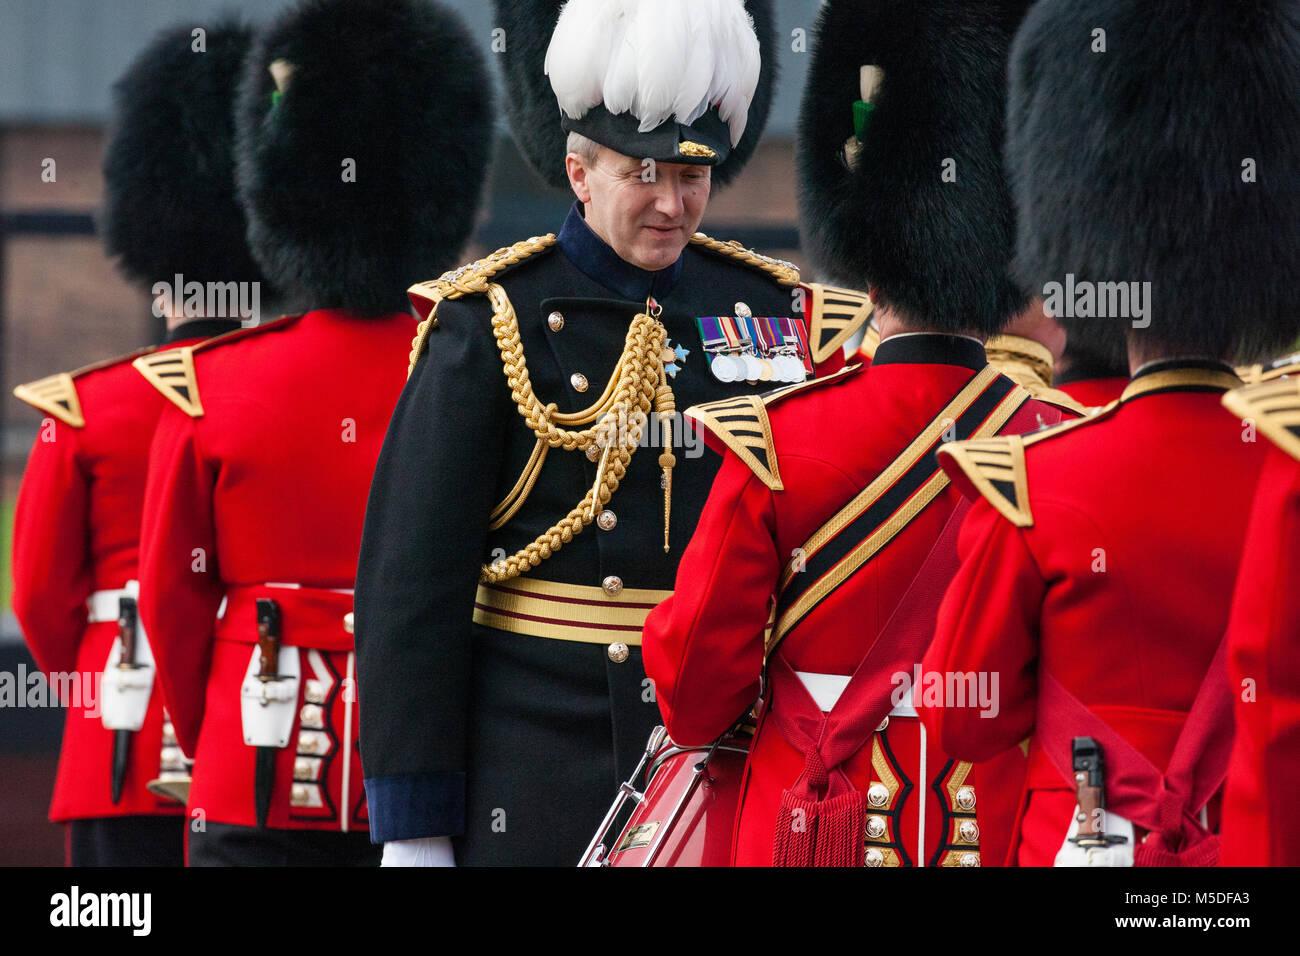 Windsor, UK. 21st February, 2018. Major General Ben Bathurst, Major General Commanding the Household Division, carries - Stock Image